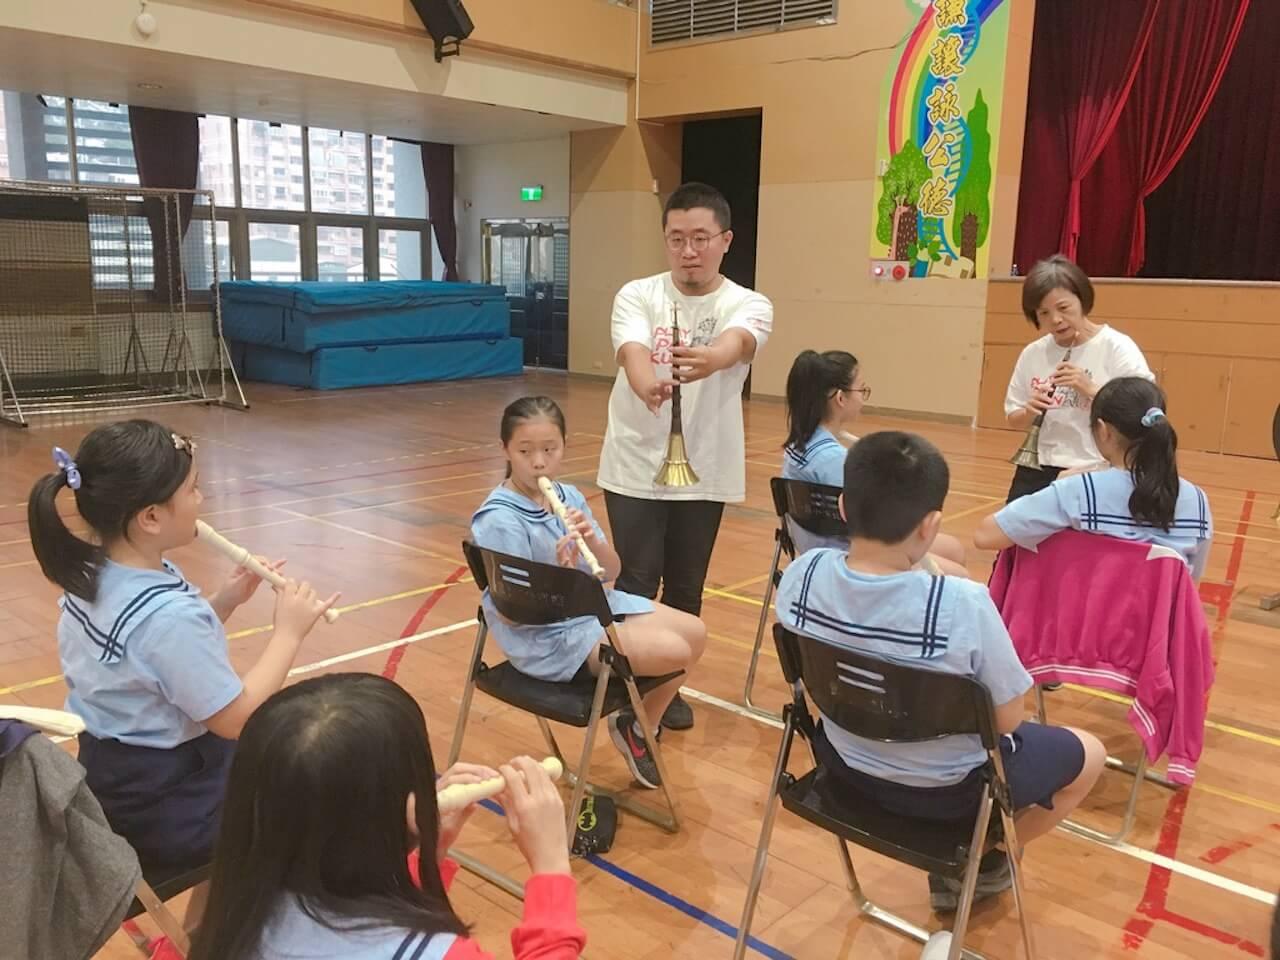 鄧公國小:學童利用直笛吹奏北管曲牌